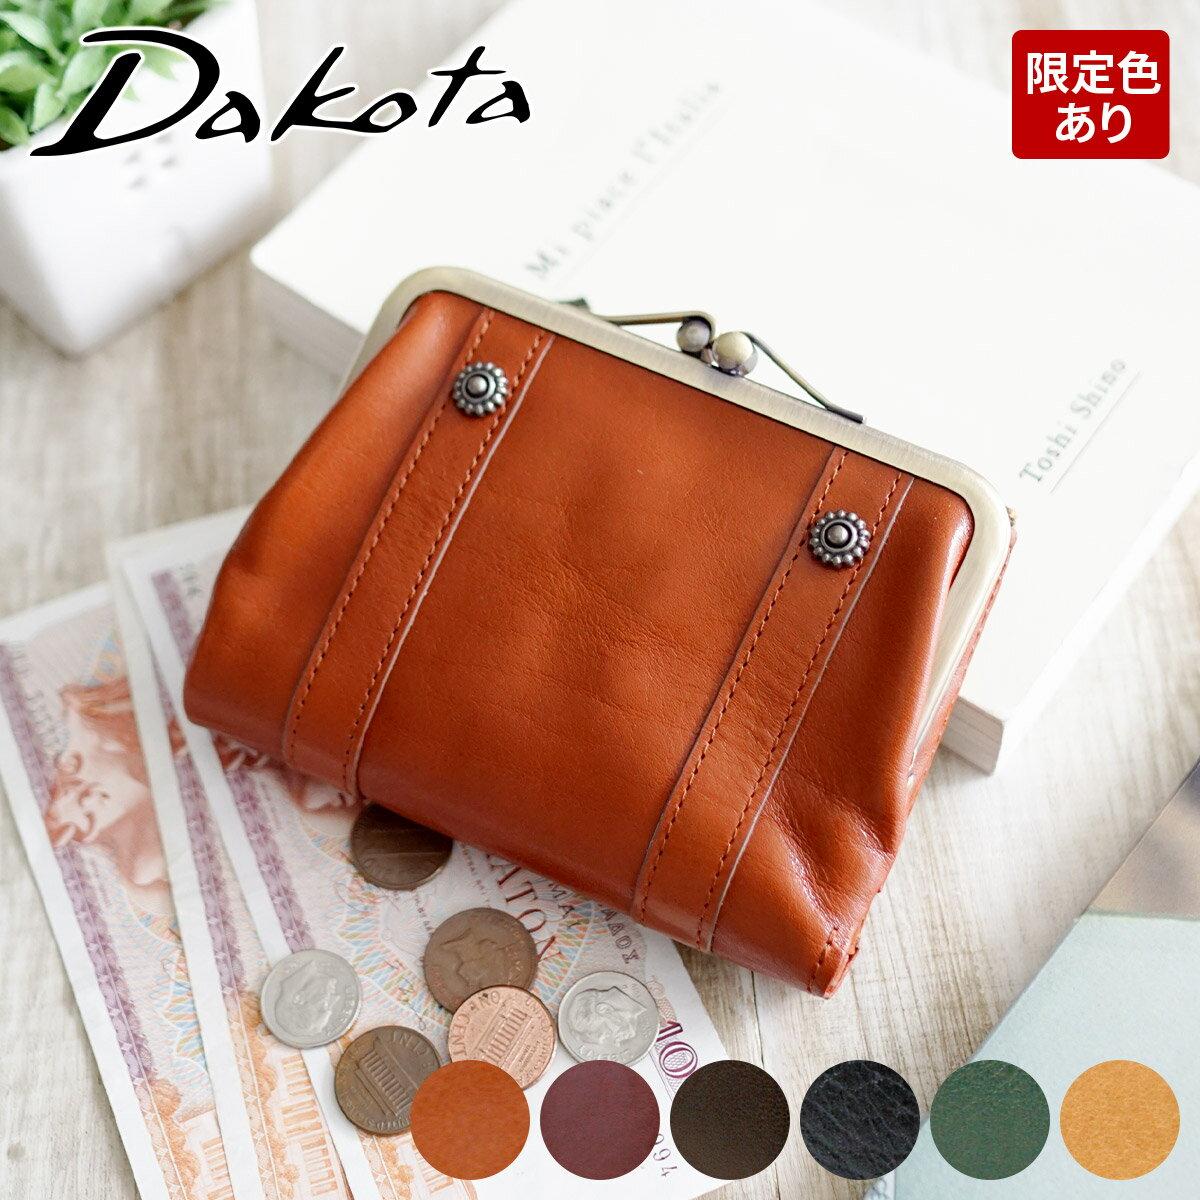 【選べるかわいいノベルティ付】 Dakota ダコタ 財布リードクラシック 二つ折り がま口財布 0030020 (0036200) (0030000)(革のお手入れ方法本付)レディース財布 本革 32000 がま口 二つ折り財布(小銭入れあり) ギフト おしゃれ プレゼント